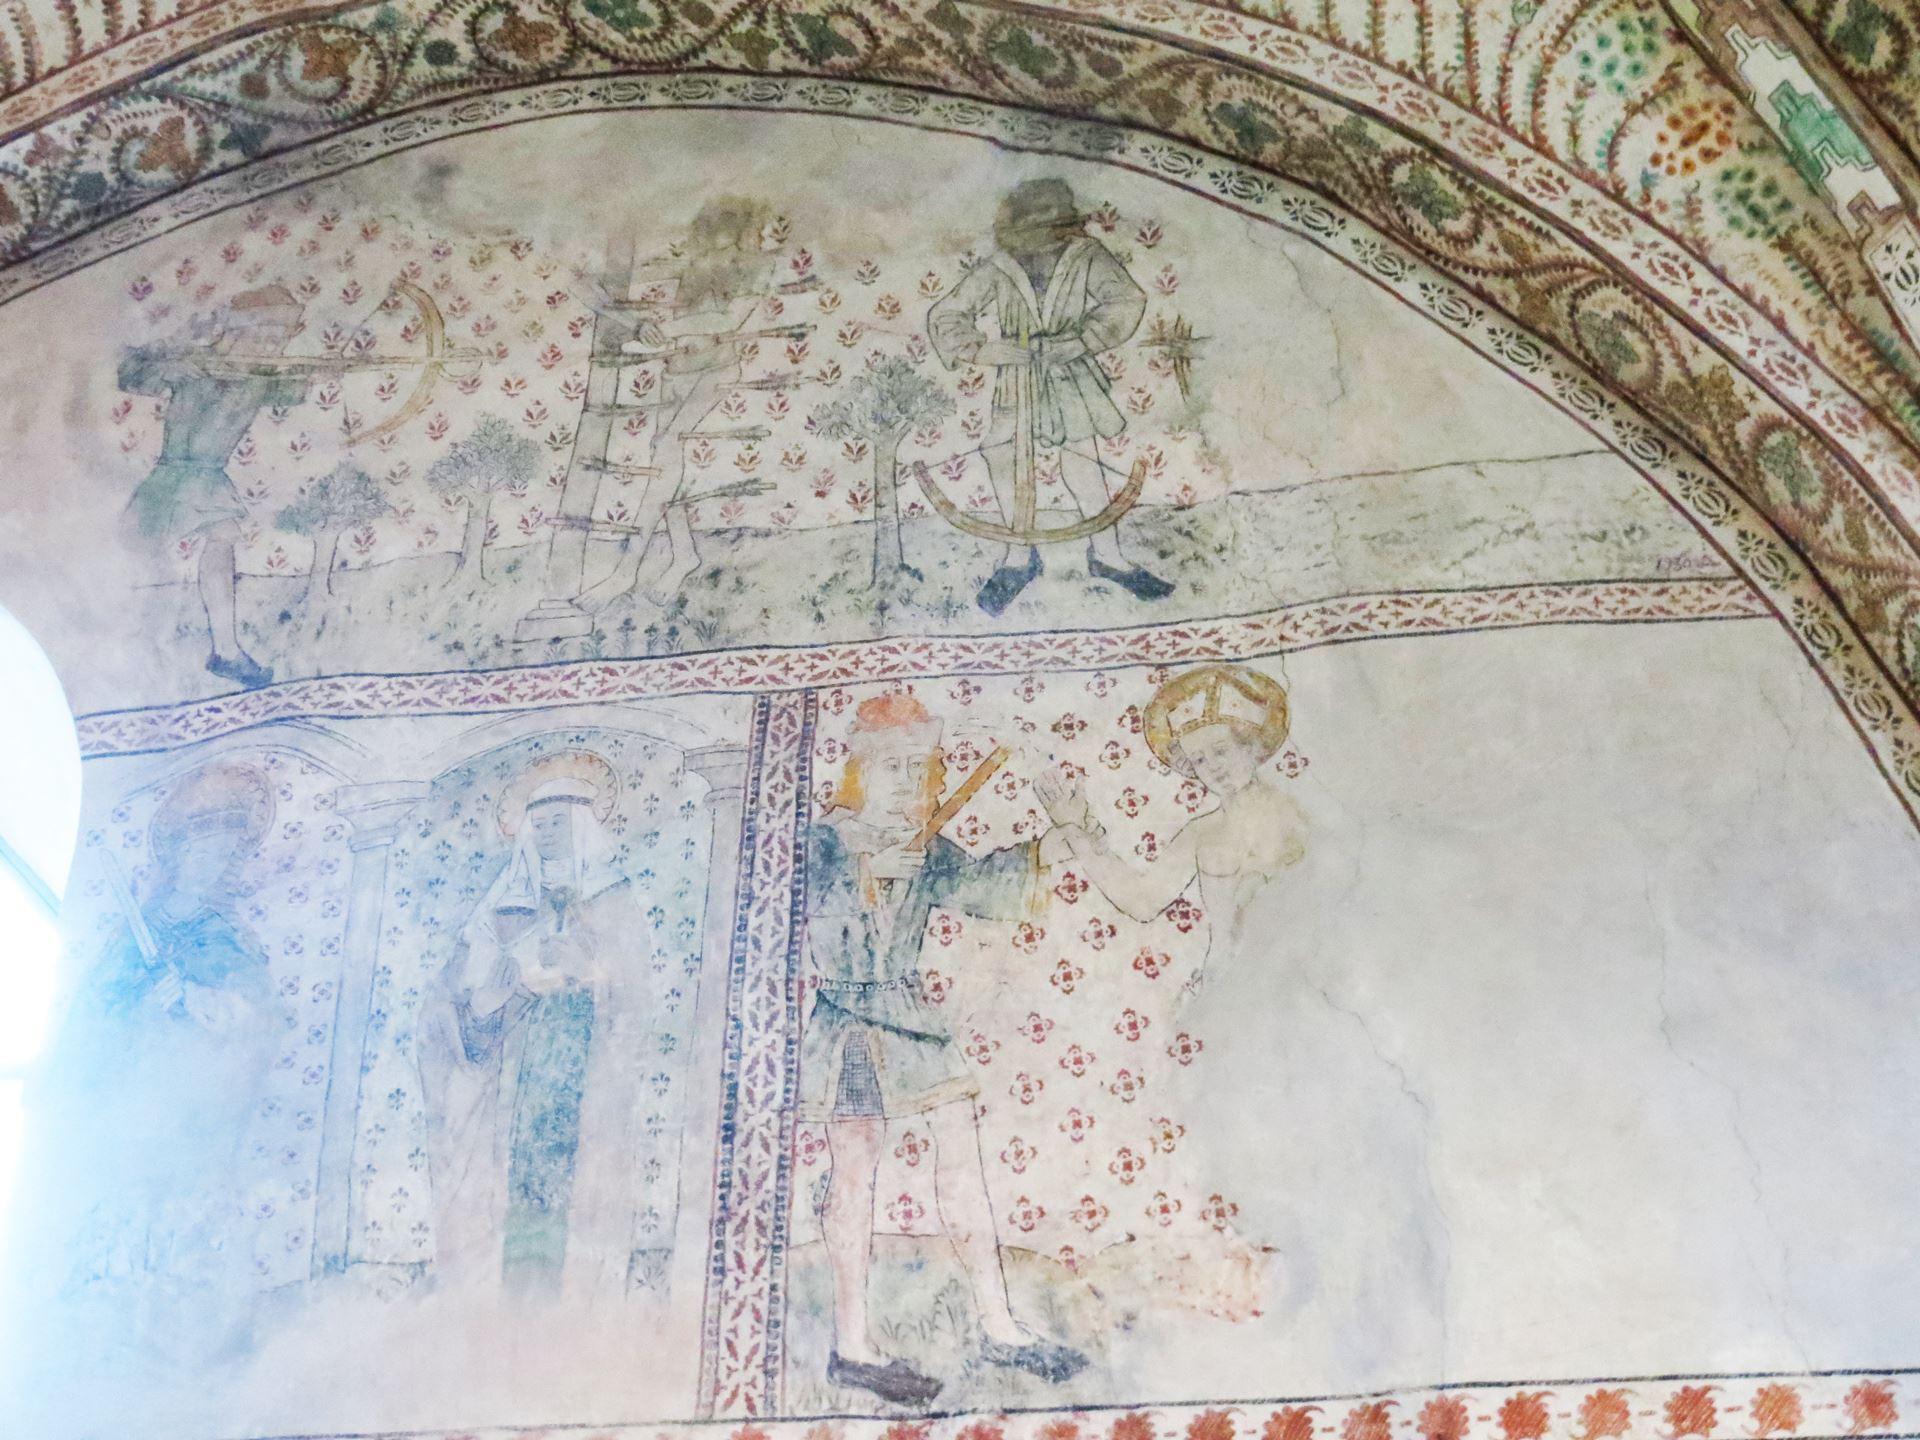 © Ådalsbygdens pastorat, Väggmålning i Torsåkers kyrka